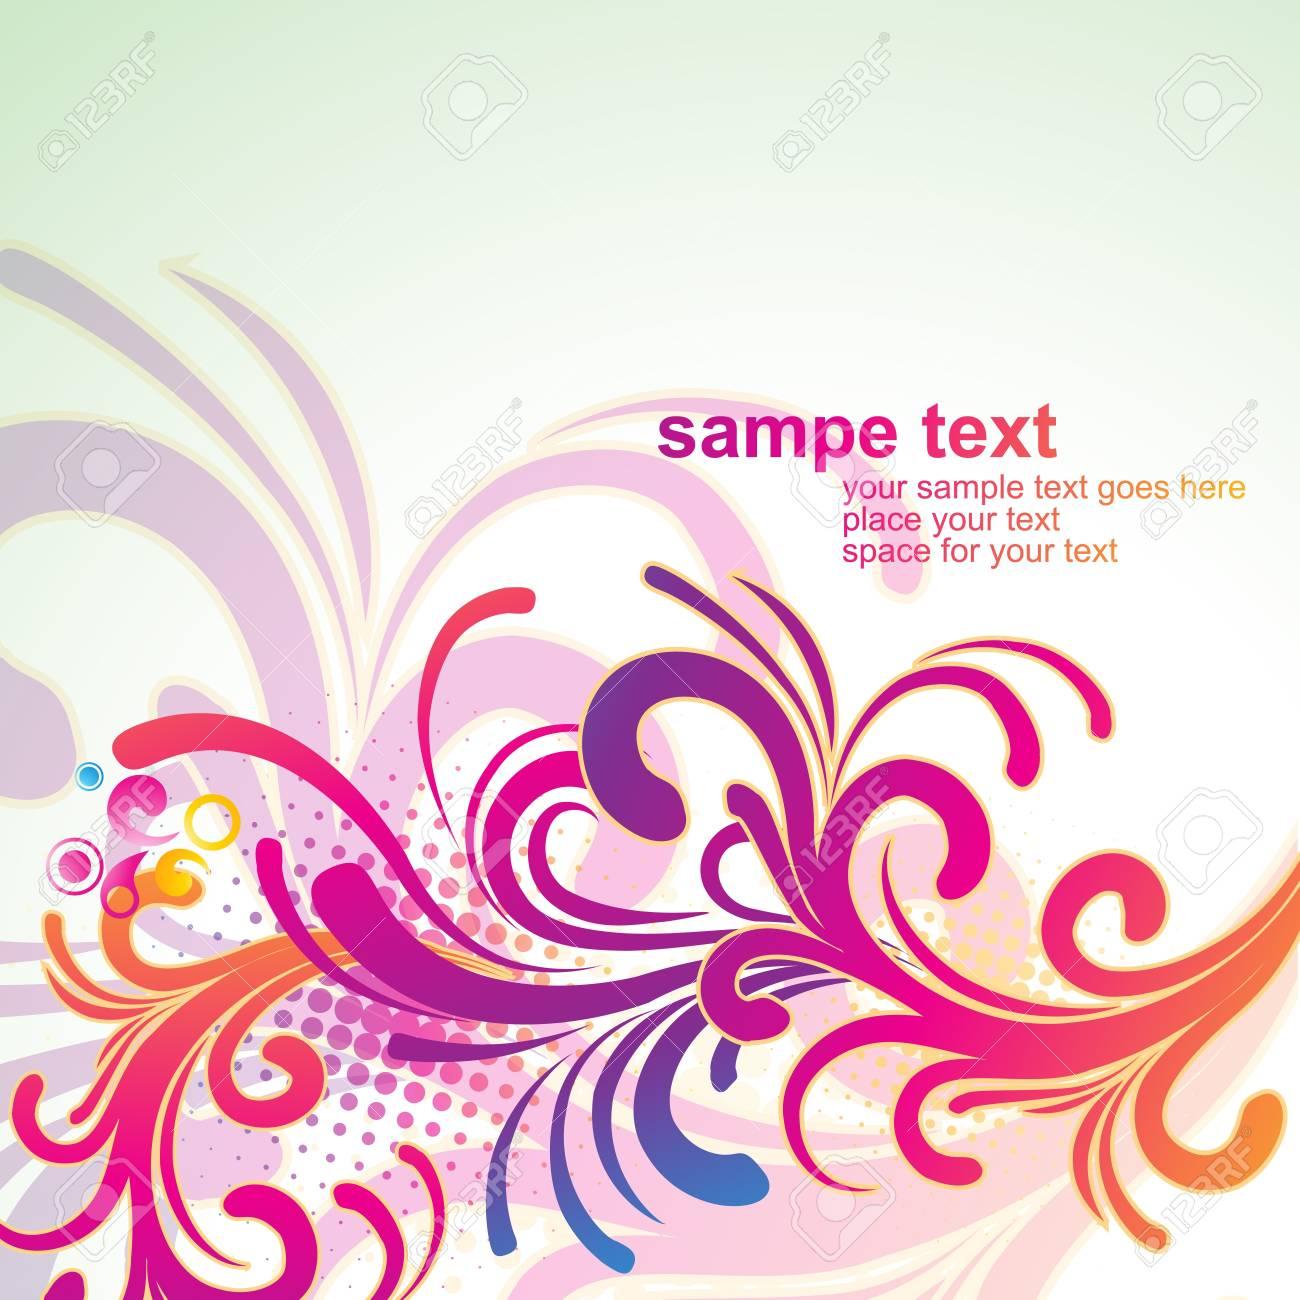 芸術的な花のデザイン イラスト背景のイラスト素材ベクタ Image